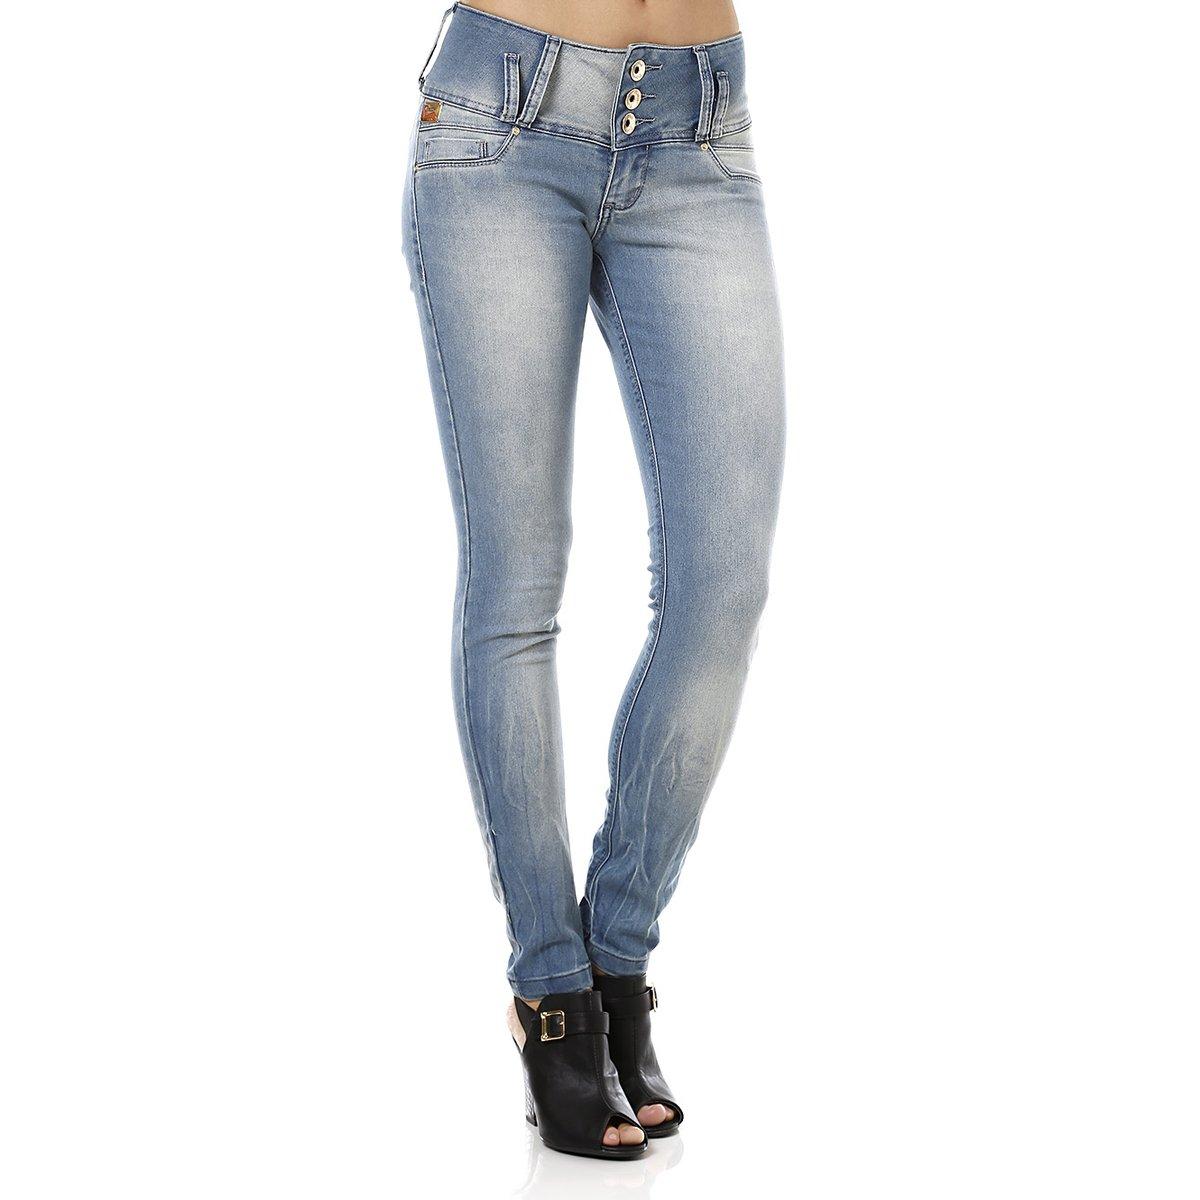 98a118be9 Calça Jeans Feminina Skinny Azul - Compre Agora